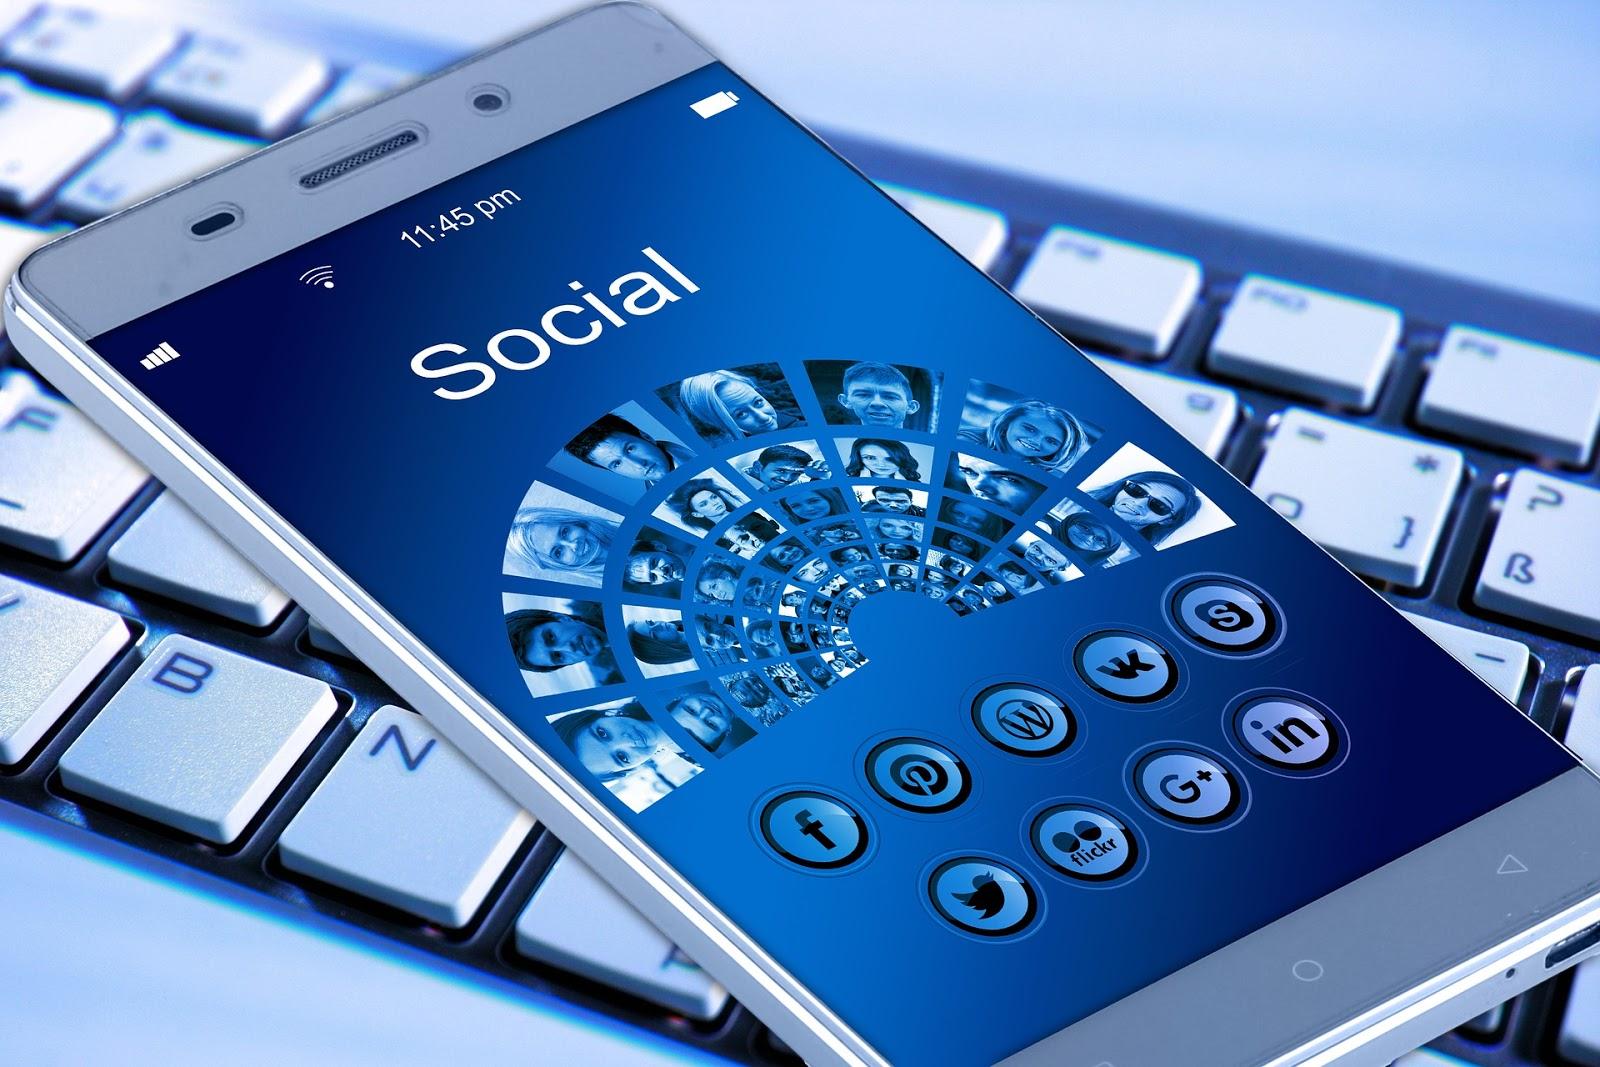 ಆನಲೈನ್ ಅಡ್ವಟೈಜಿಂಗನಿಂದಾಗುವ 9 ಲಾಭಗಳು - Great Benefits from Online Advertising in Kannada